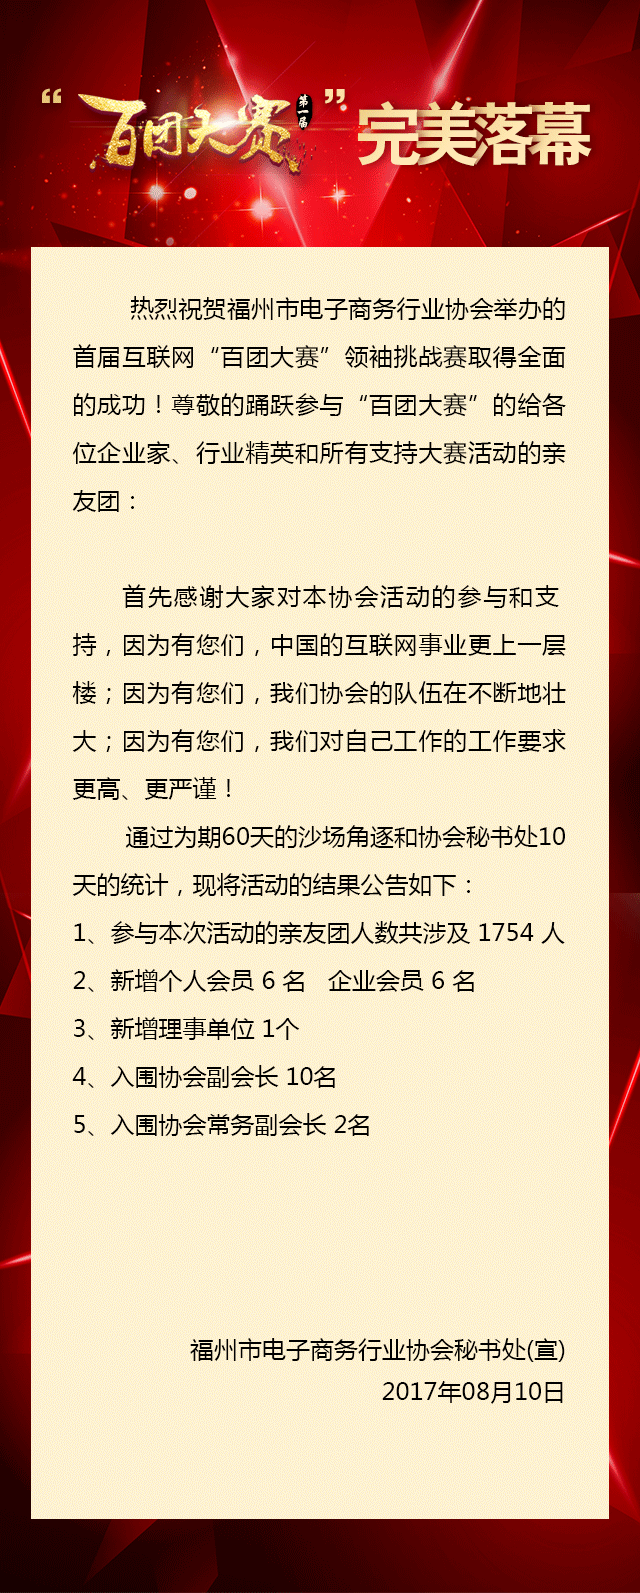 百团大赛完美落幕内容.png